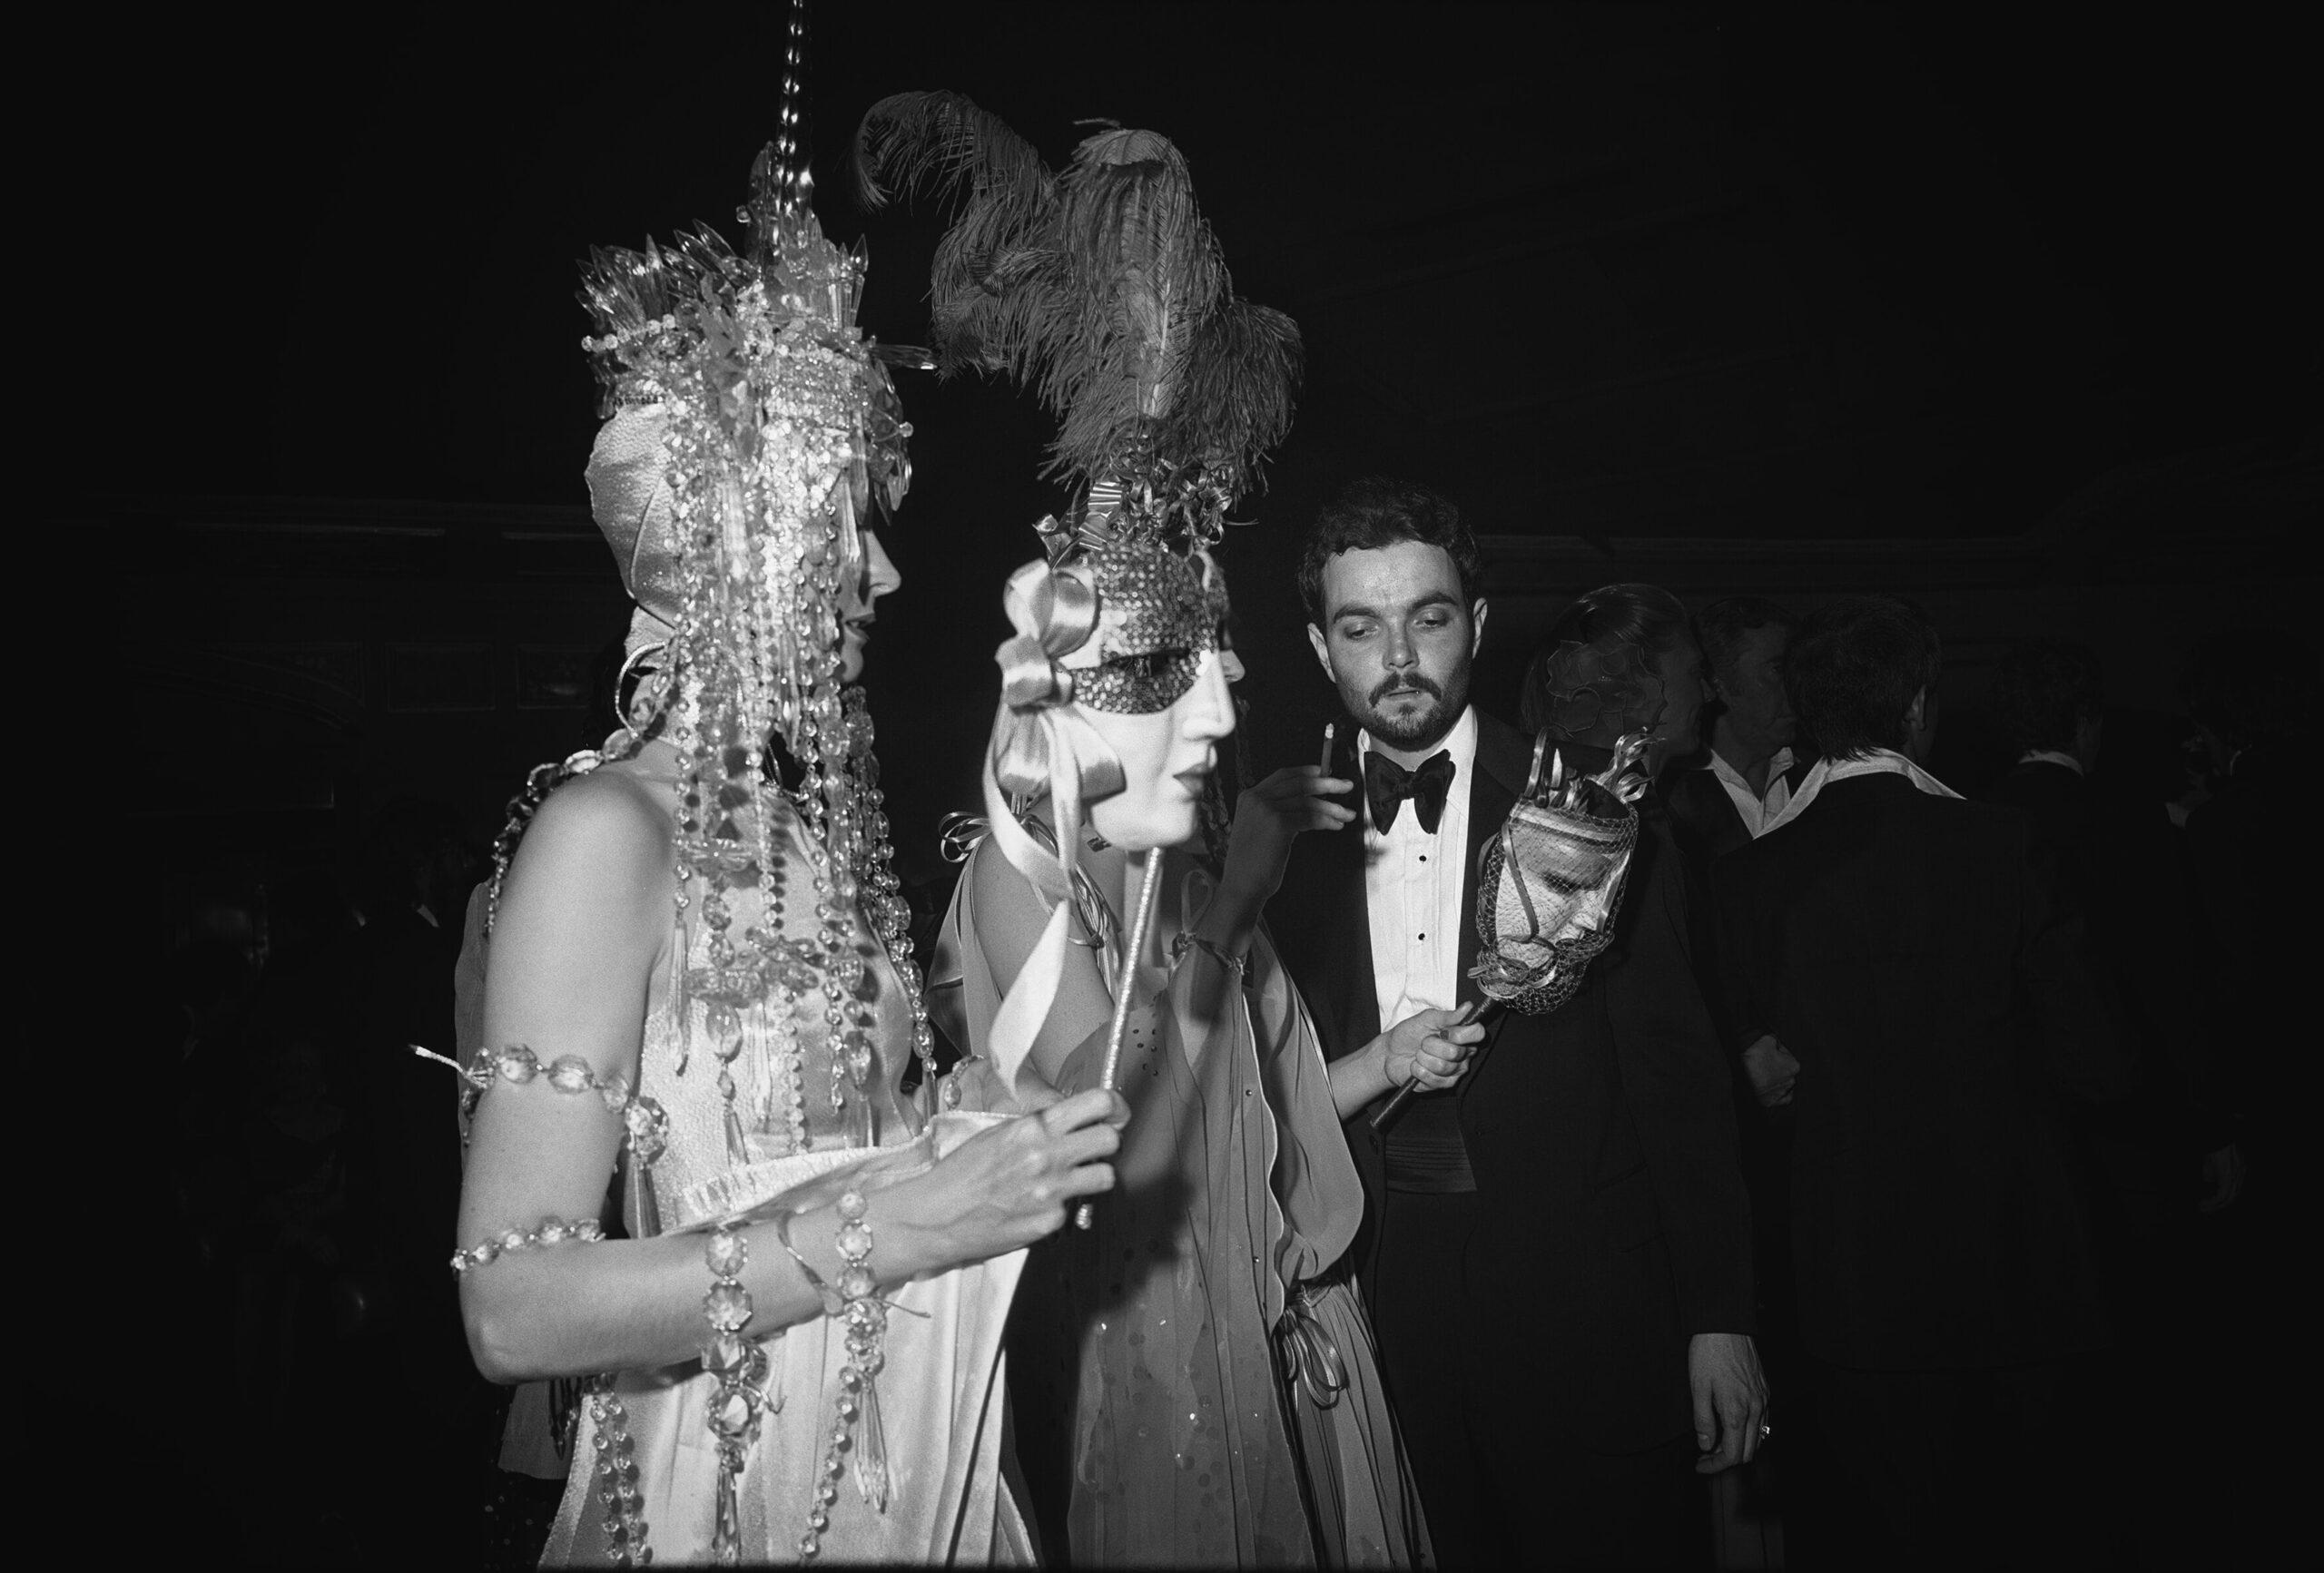 """Imagen que ilustra el artículo """"Fotografía insomne"""". Es de Tod Papageorge. Studio 54, New York, 1978-80 © Tod Papageorge VEGAP, València, 2021"""